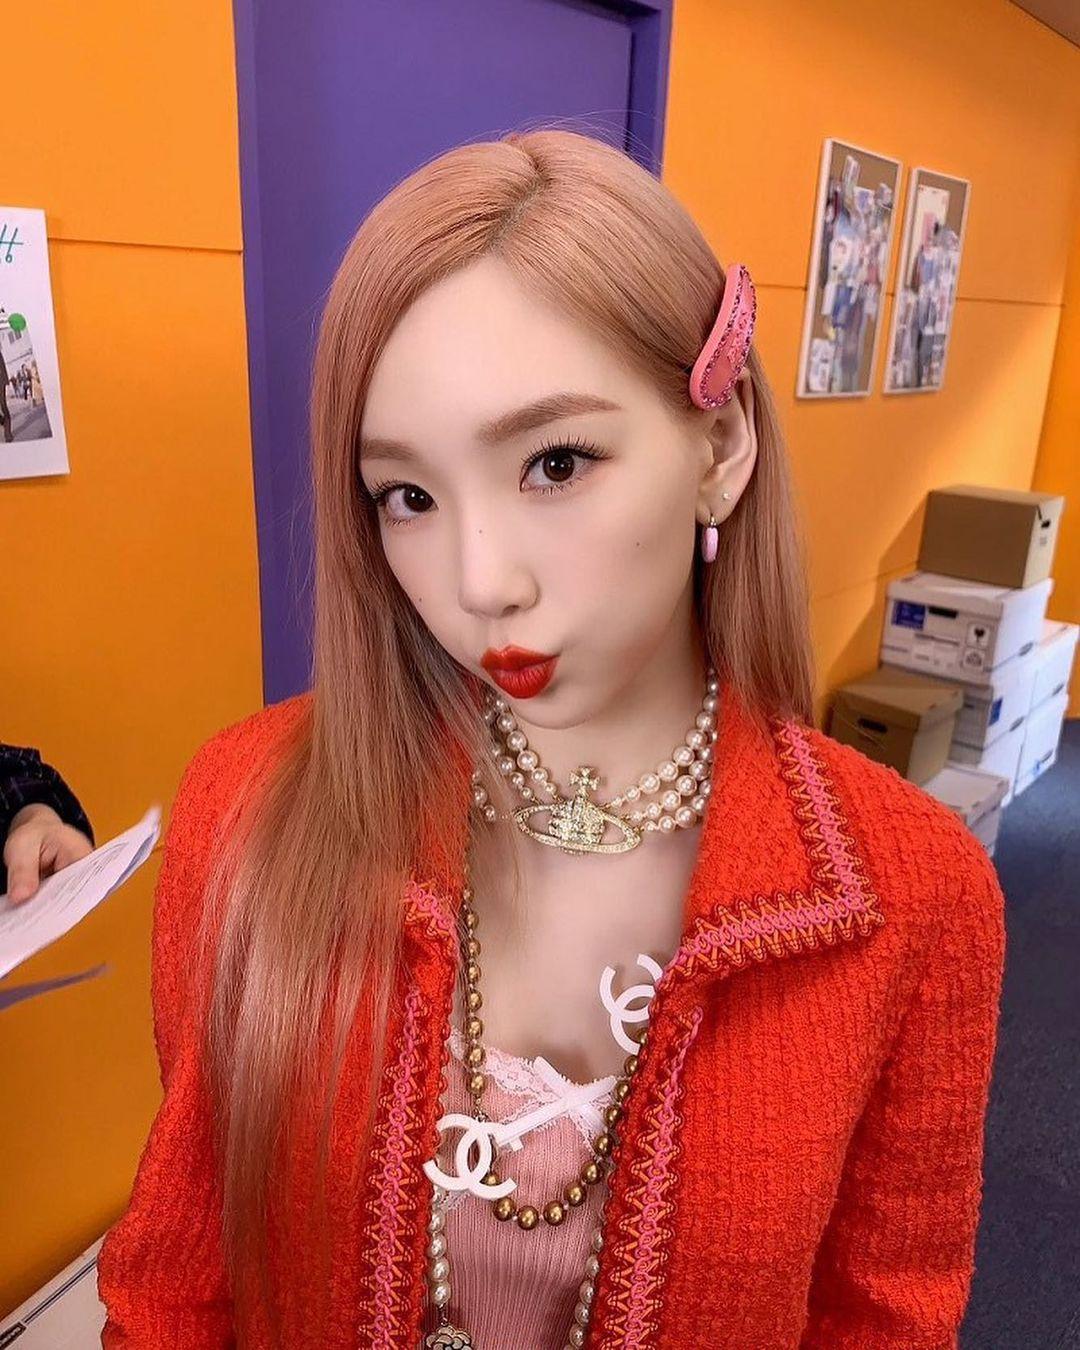 Nhờ những makeup looks đẹp miễn chê, Tae Yeon được khen 32 tuổi mà trông trẻ trung chẳng kém các đàn em idol gen 4.